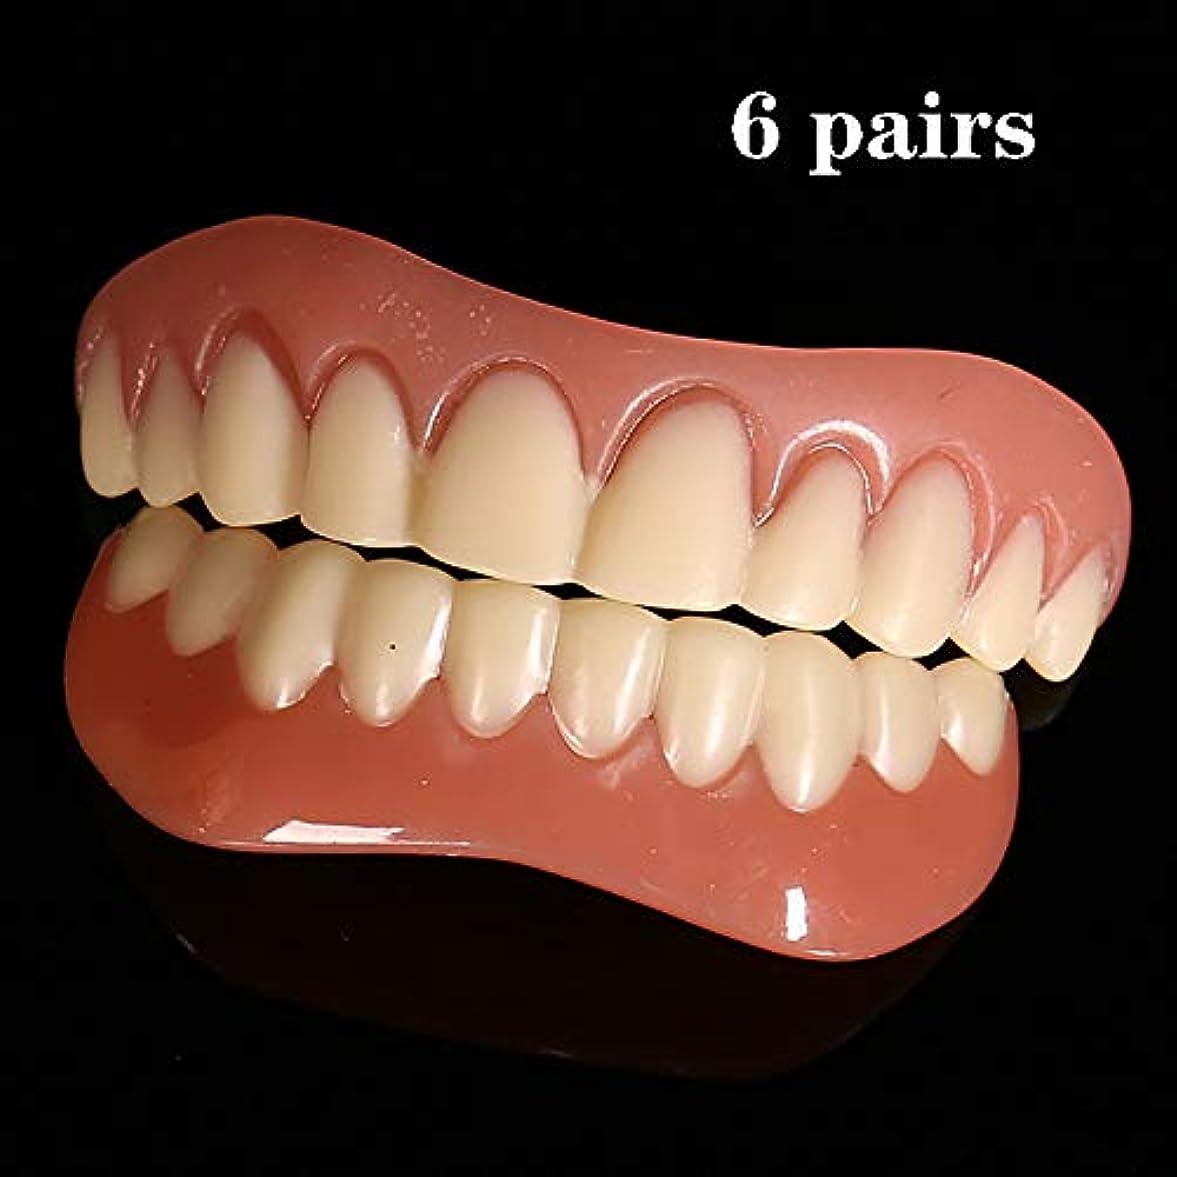 要件寄生虫近似歯のベニヤ化粧品の歯スナップオンセキュア6ペア上下の快適さフィット歯のベニヤセキュアインスタントスマイル化粧品ワンサイズ全ての義歯ケアツールにフィット